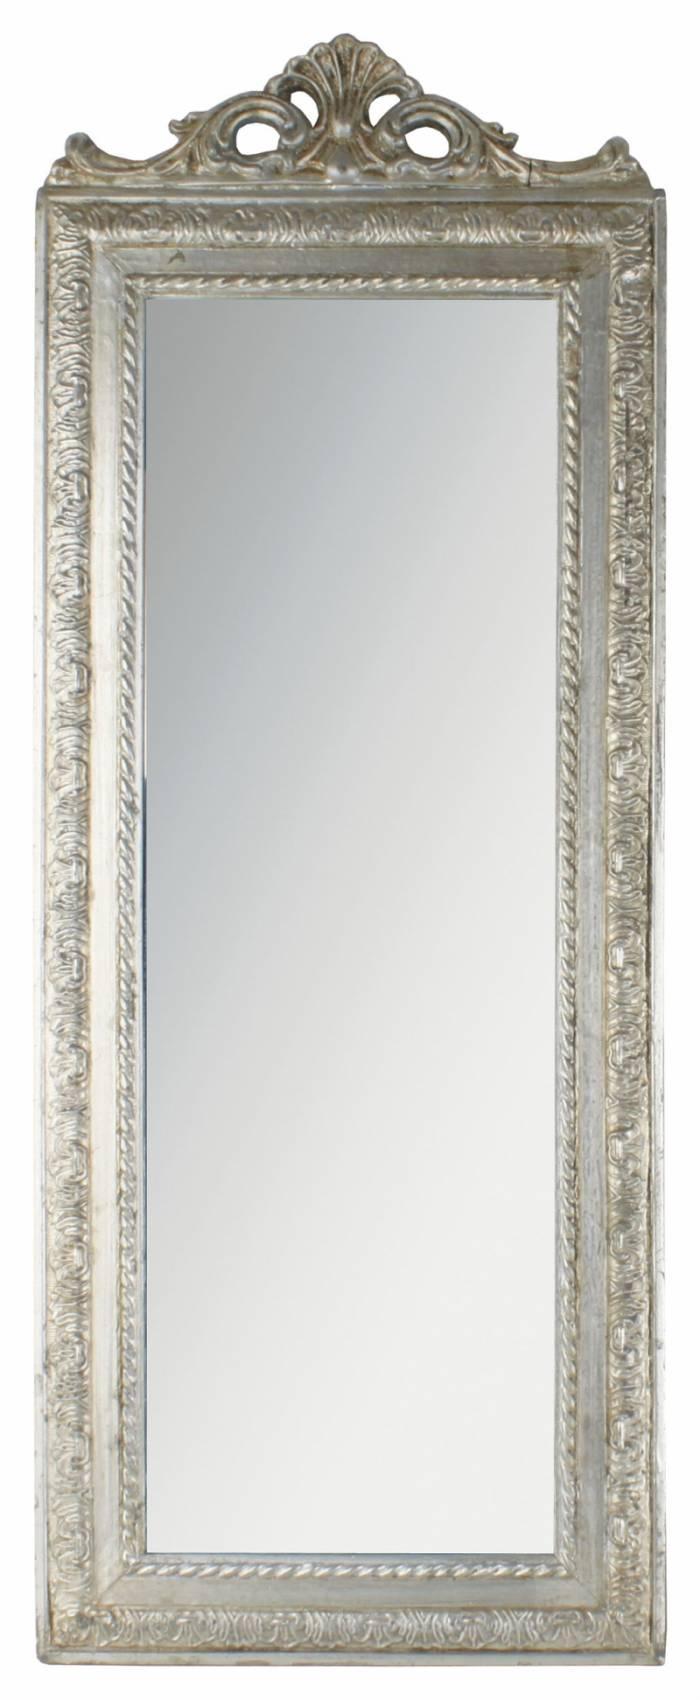 Oglindă cu ramă argintie Noblesse